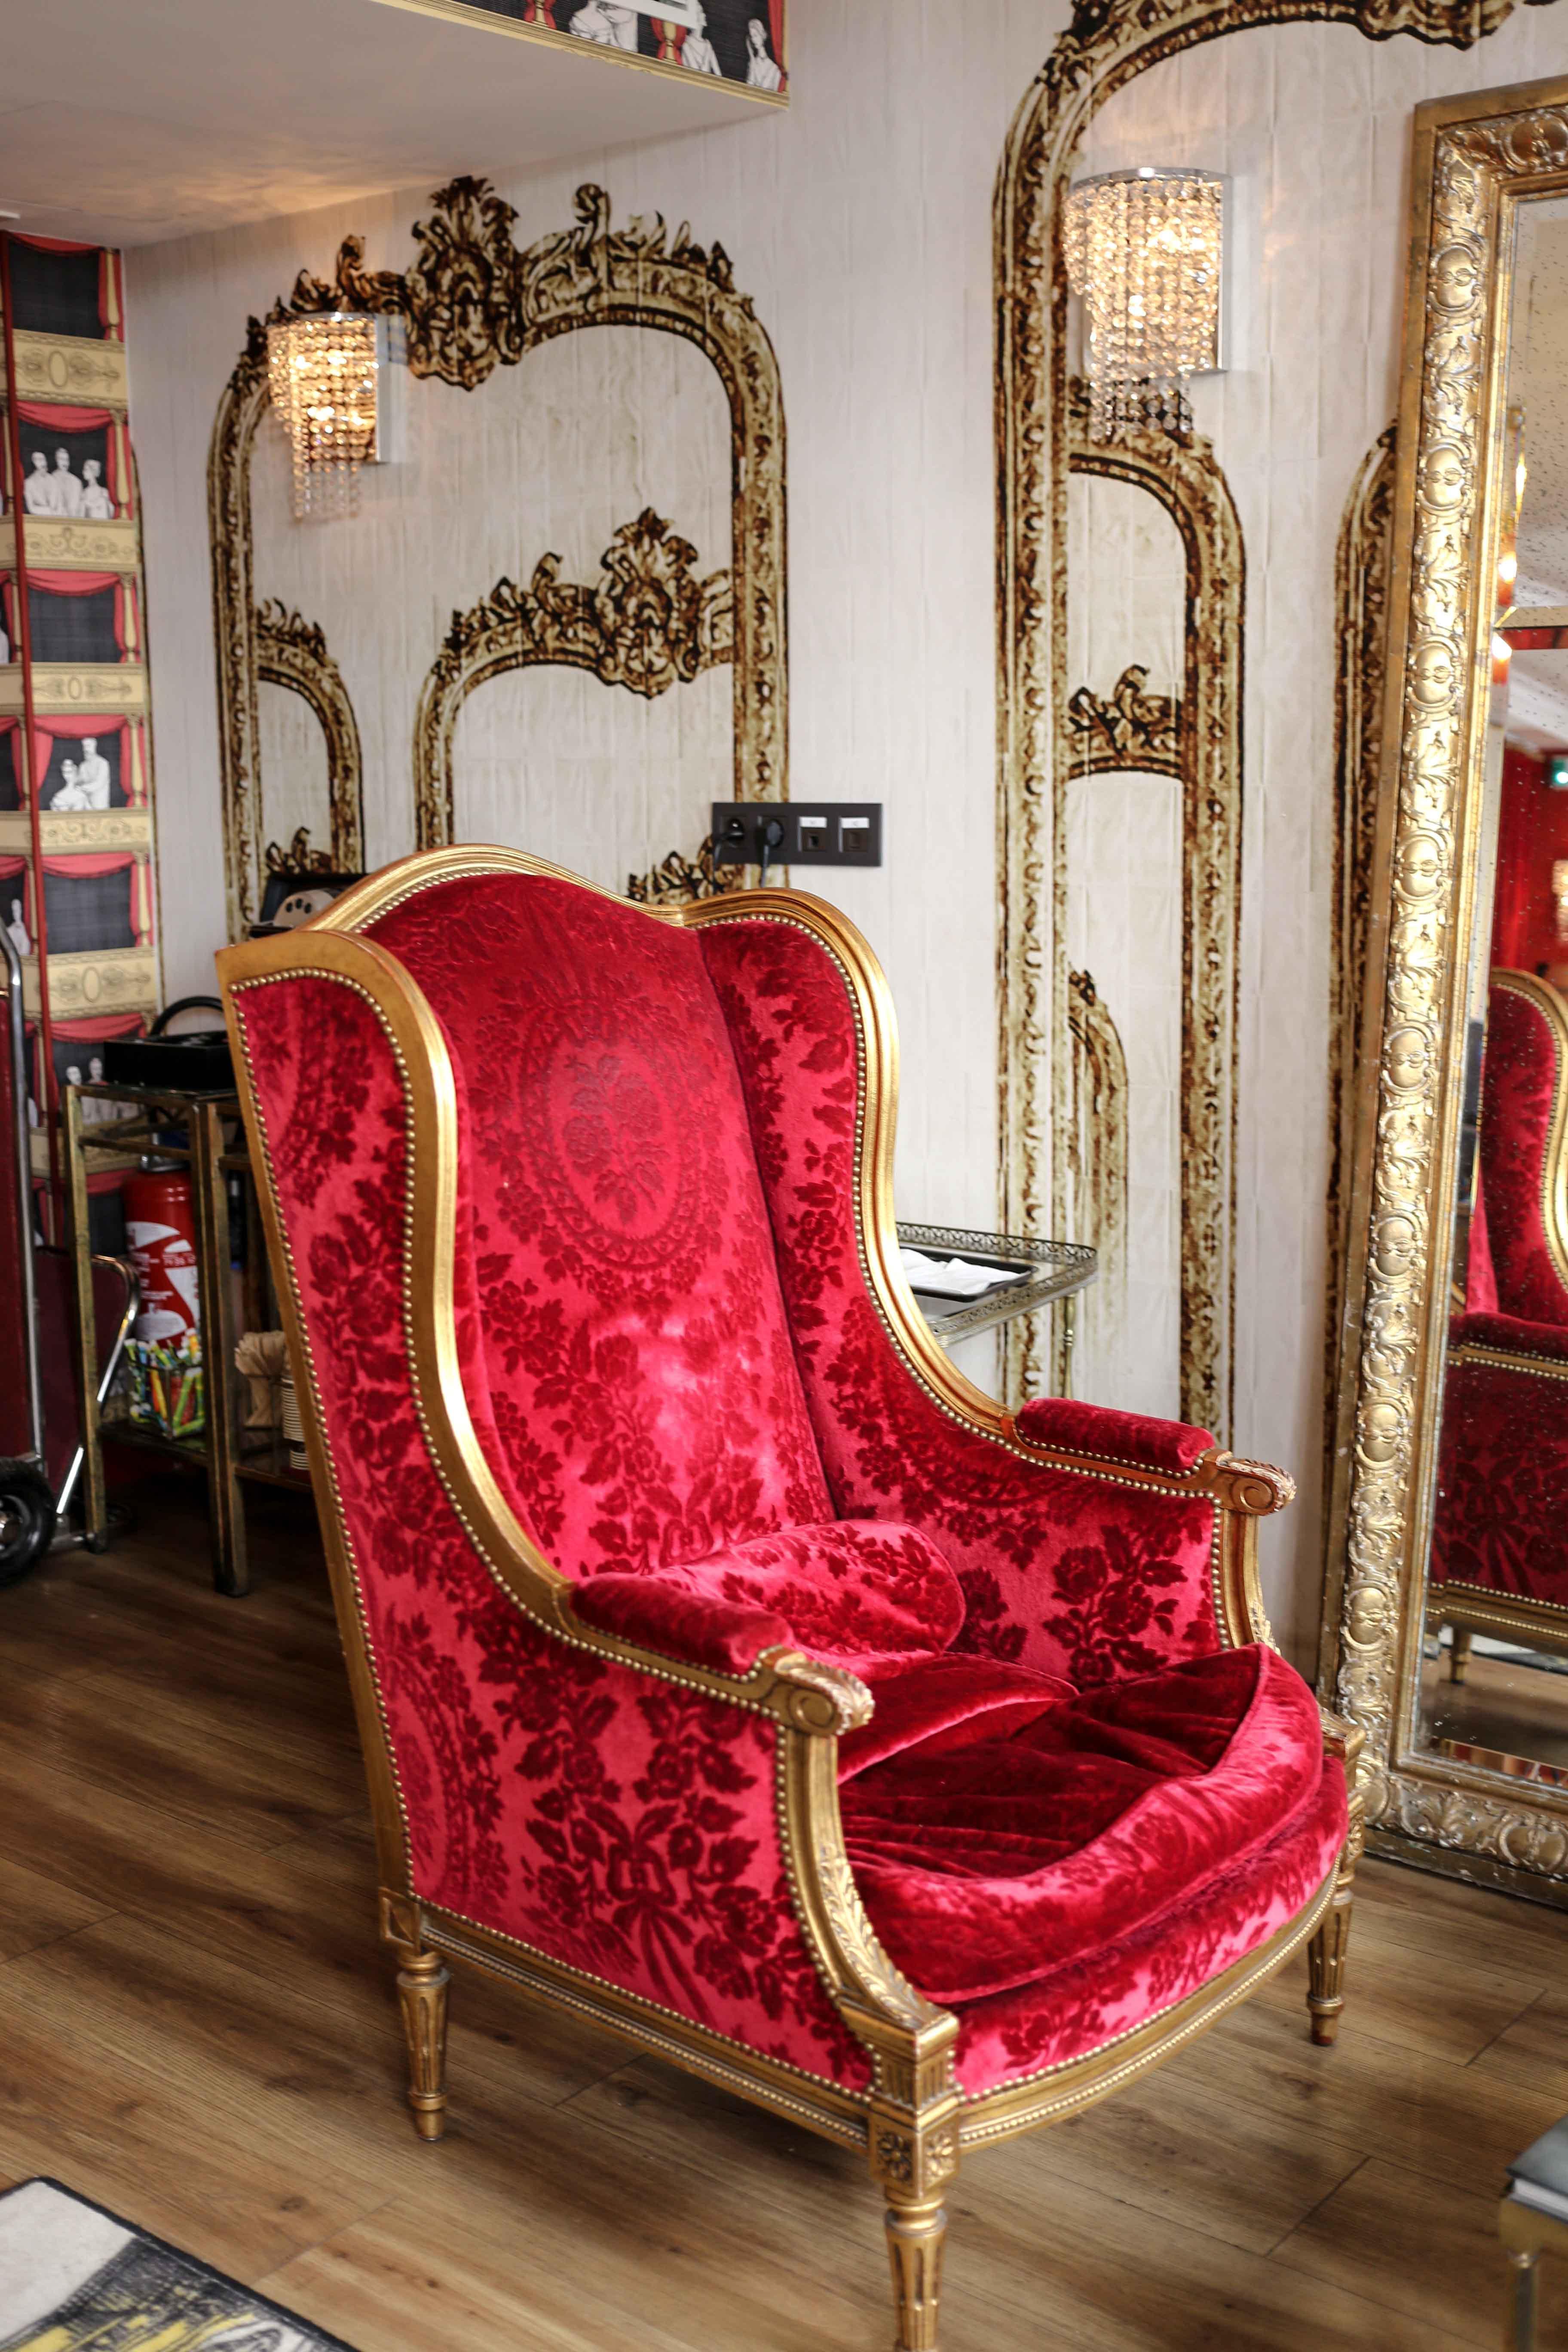 hotel-sacha-happy-culture-montmartre-paris-3-sterne-empfehlung-review-reiseblog-travelblog-blogger_2522